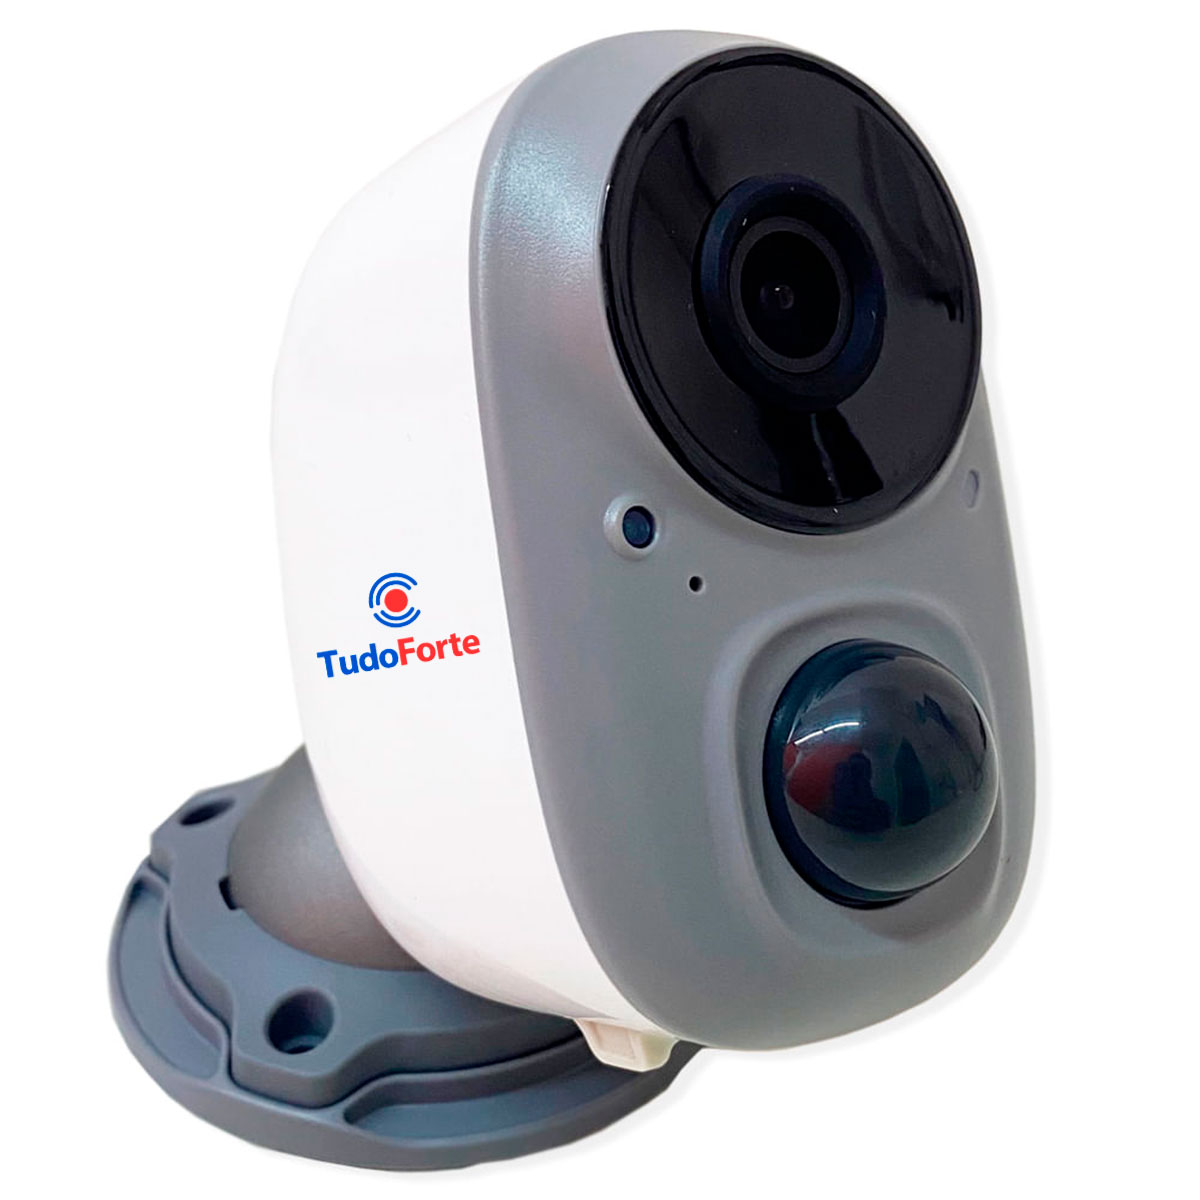 camera-de-seguranca-sem-fio-wi-fi-smart-com-bateria-hb-911-full-hd-1080p-tudo-forte